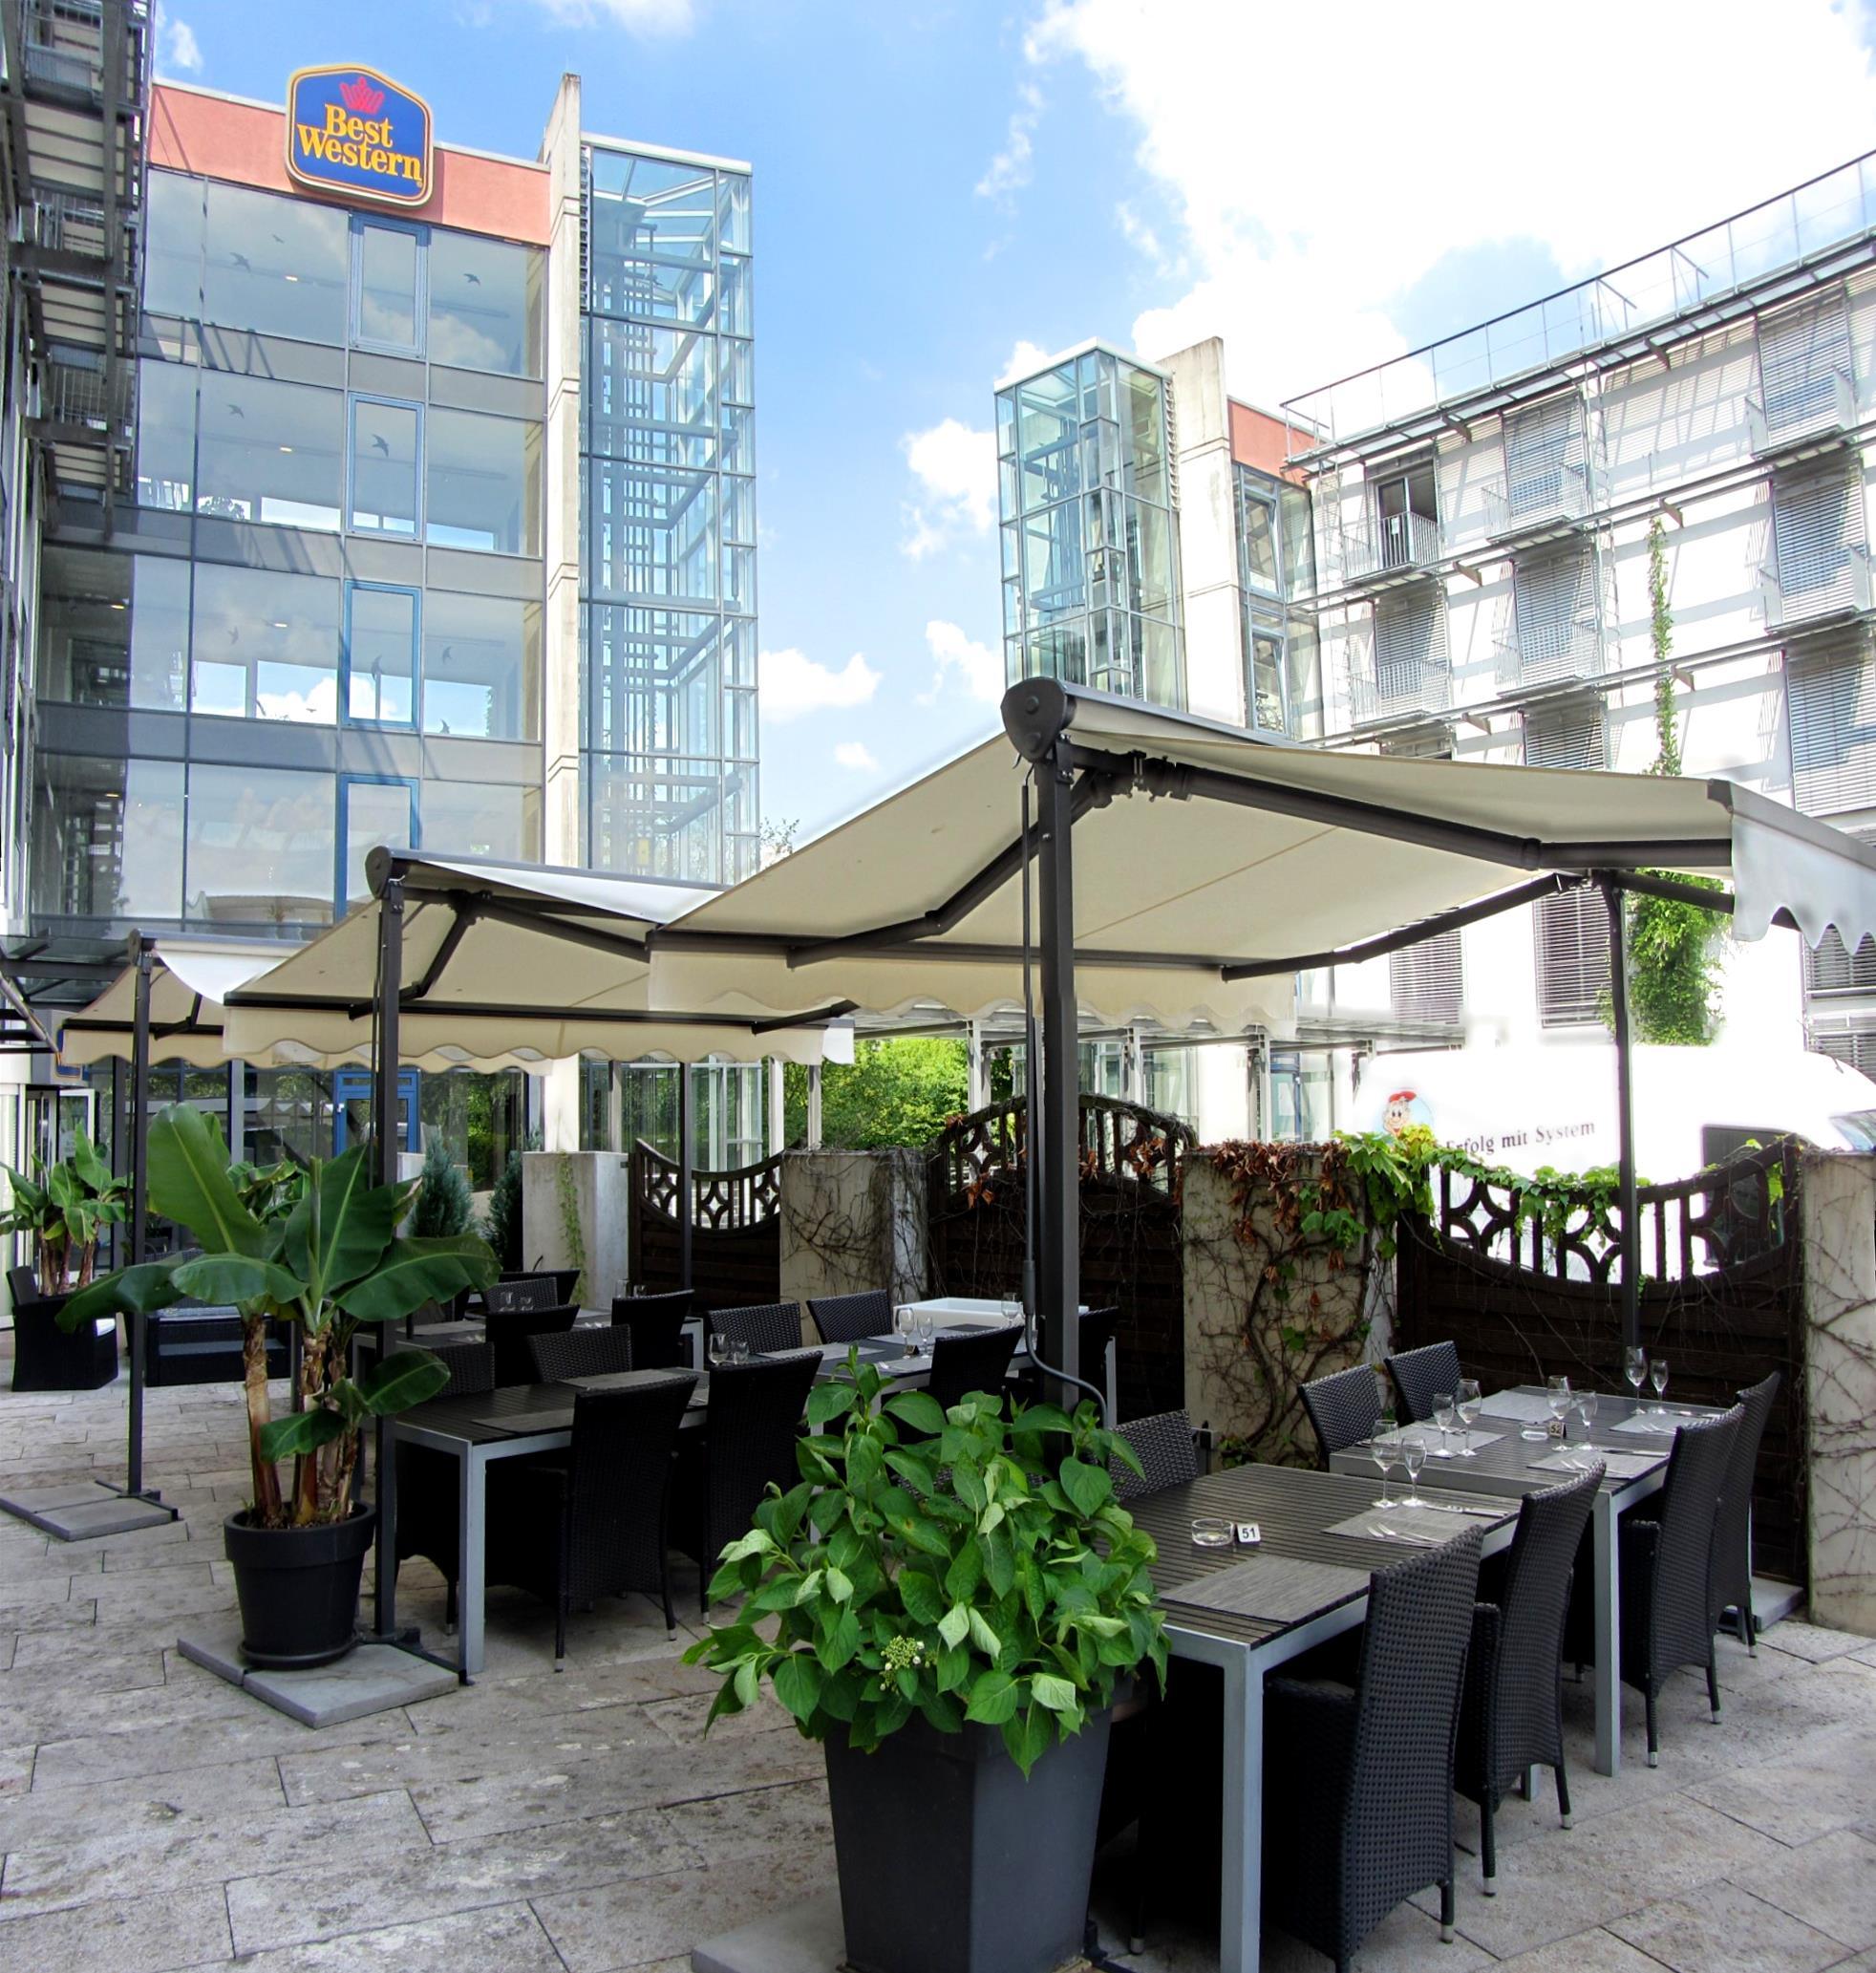 Dditzingen Hotel Best Western